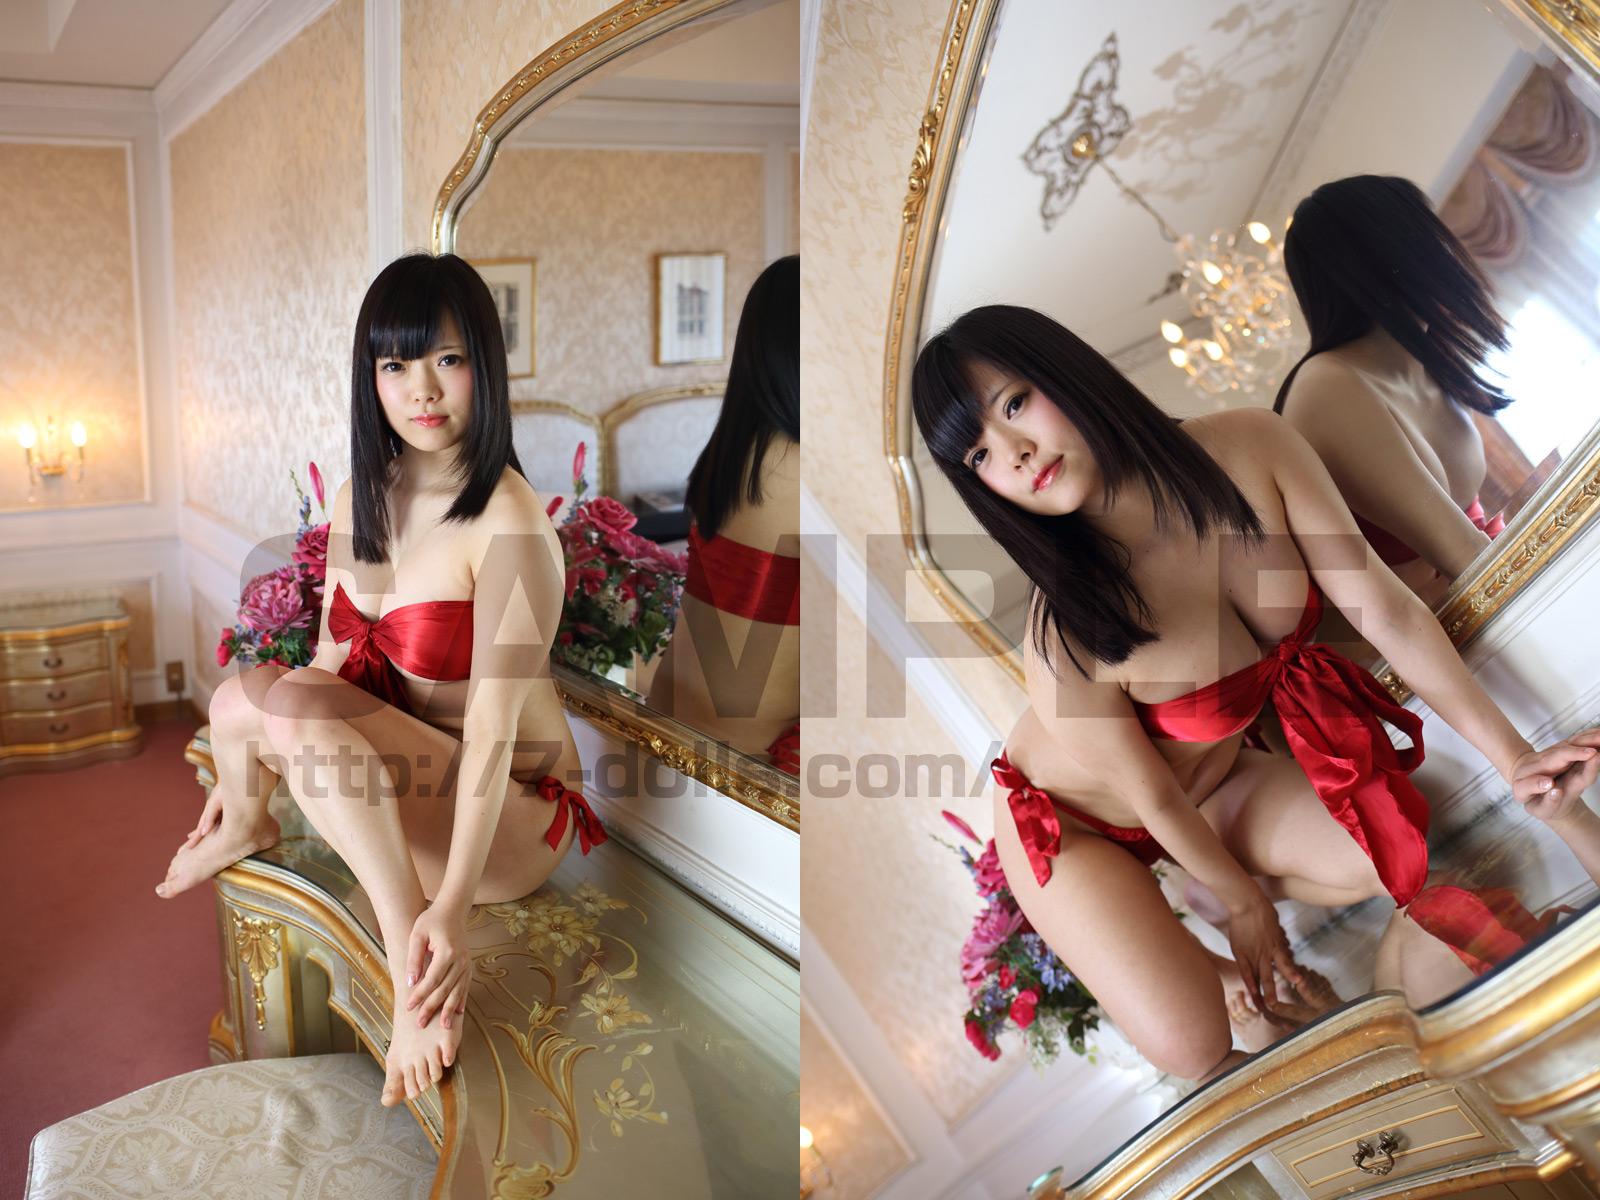 Gカップ黒髪ぱっつん美少女レイヤー18裸りぼんちゃん